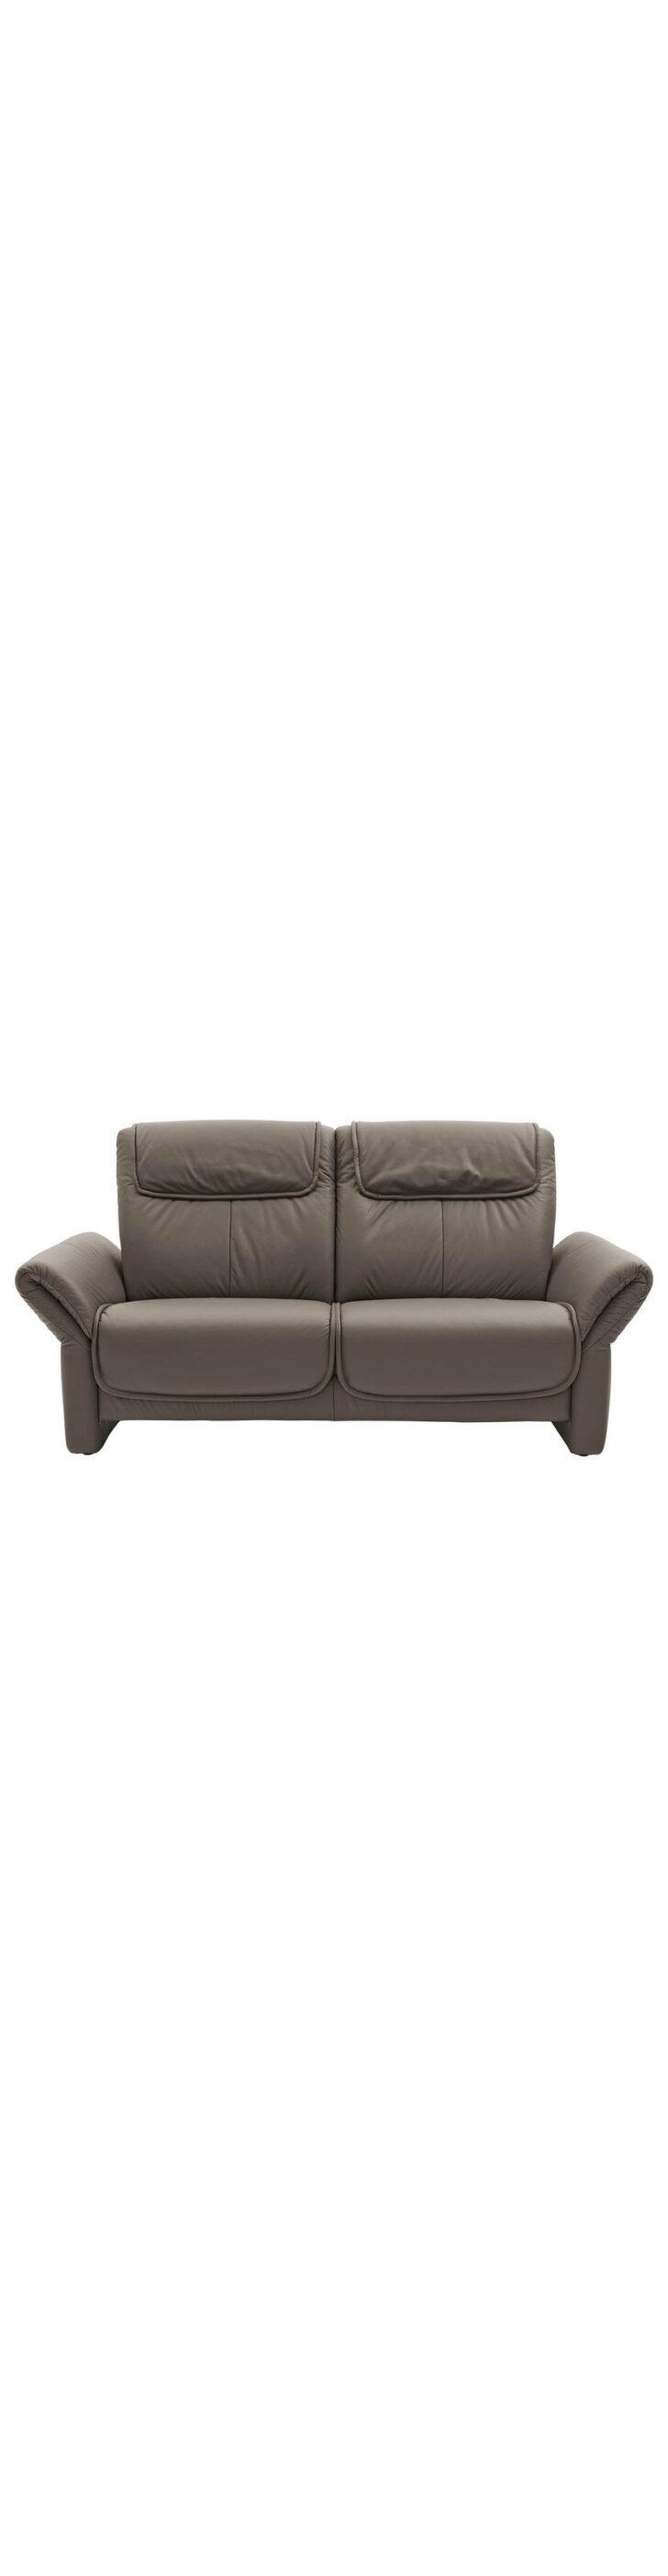 Medium Size of 2 5 Sitzer Sofa Mit Relaxfunktion Leder Marilyn Couch Federkern Stoff Grau Elektrisch Schlaffunktion Microfaser Landhausstil Dreisitzer Lounge Garten Benz L Sofa Sofa 2 5 Sitzer